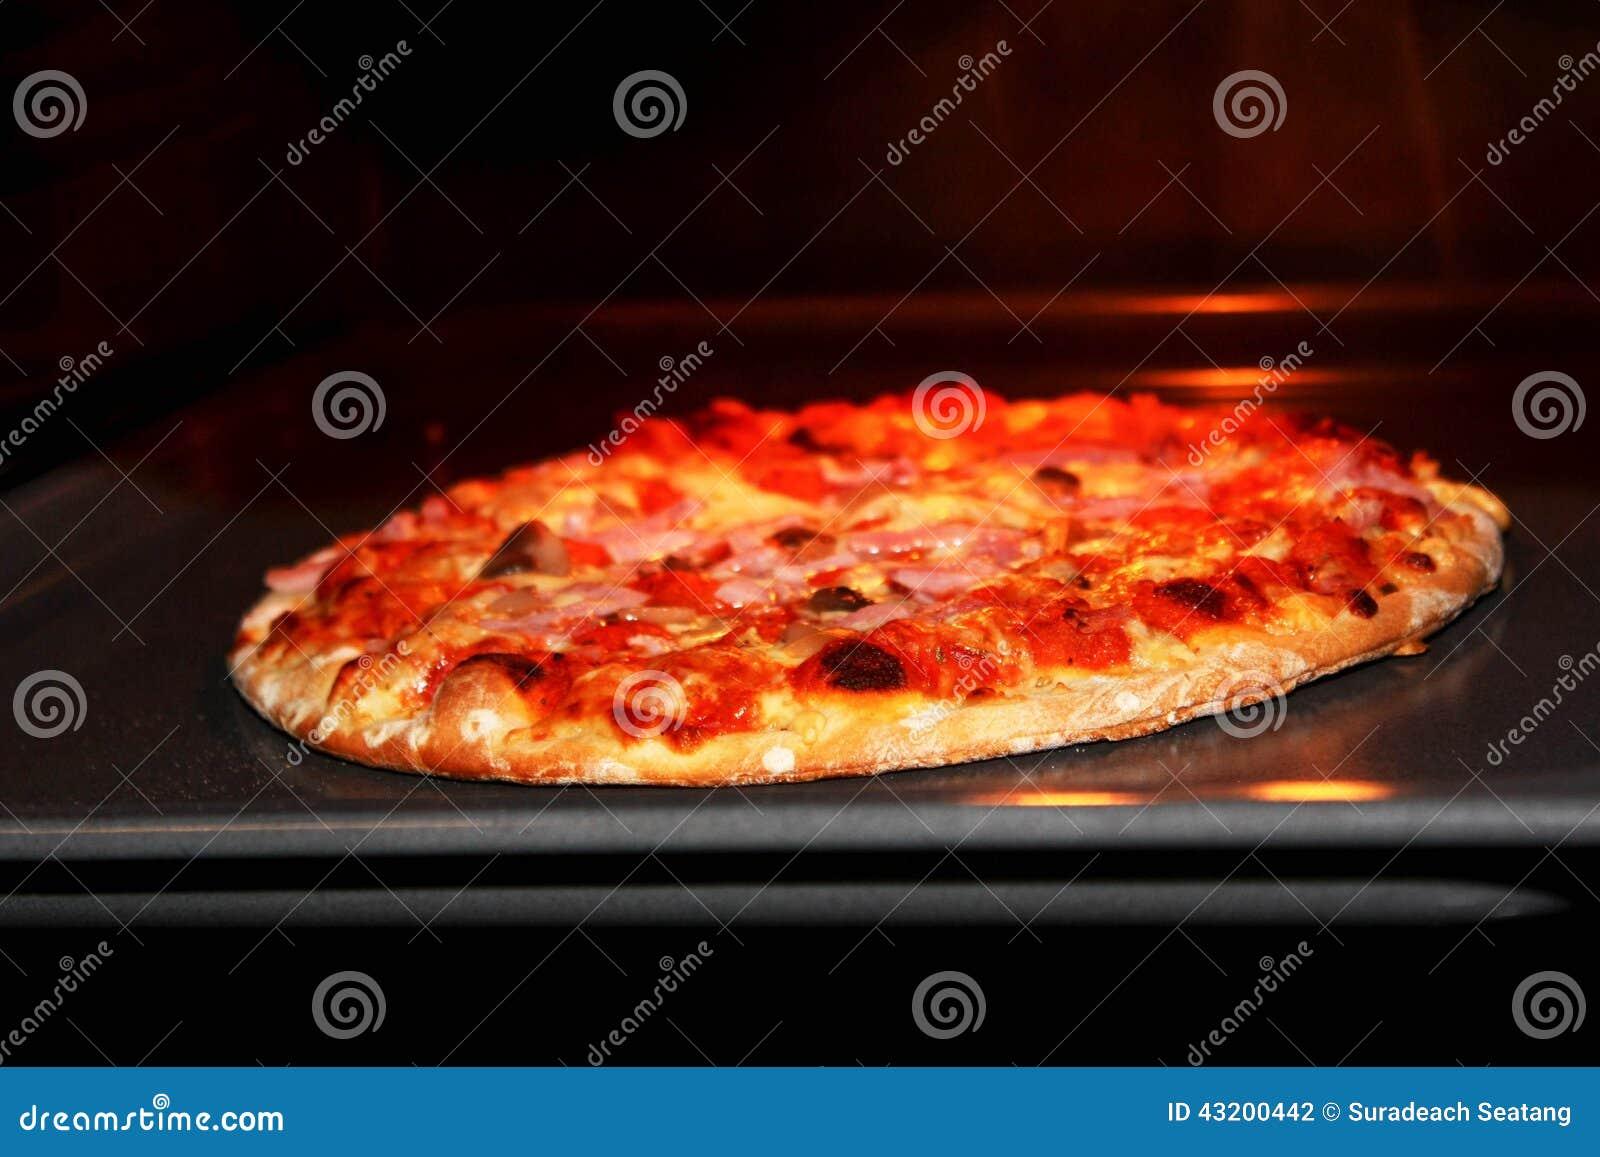 Download Varm pizza arkivfoto. Bild av bakar, värme, italienare - 43200442